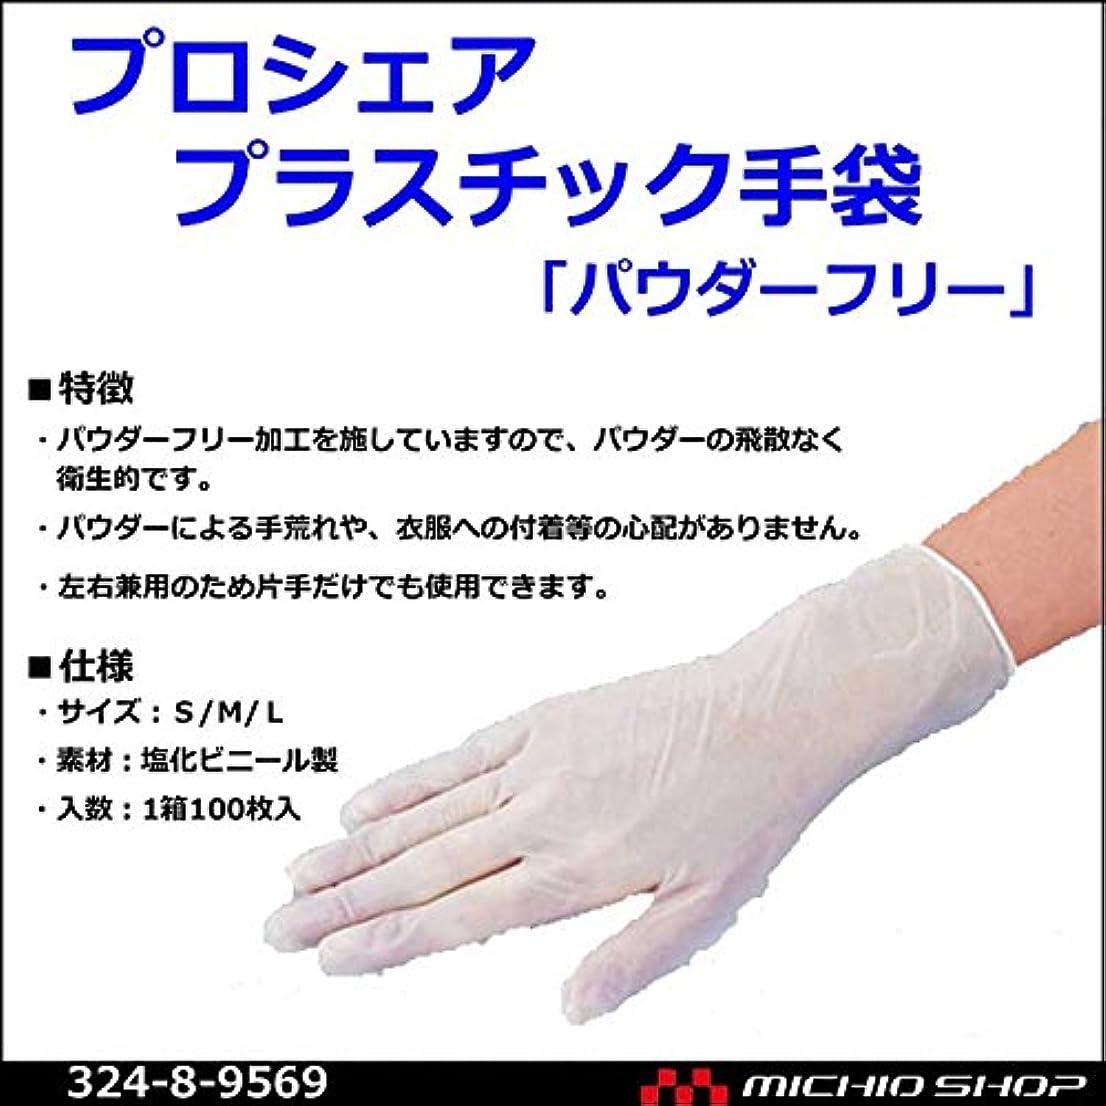 スプリット人道的栄養アズワン プロシェアプラスチック手袋 100枚入 8-9569 02 M